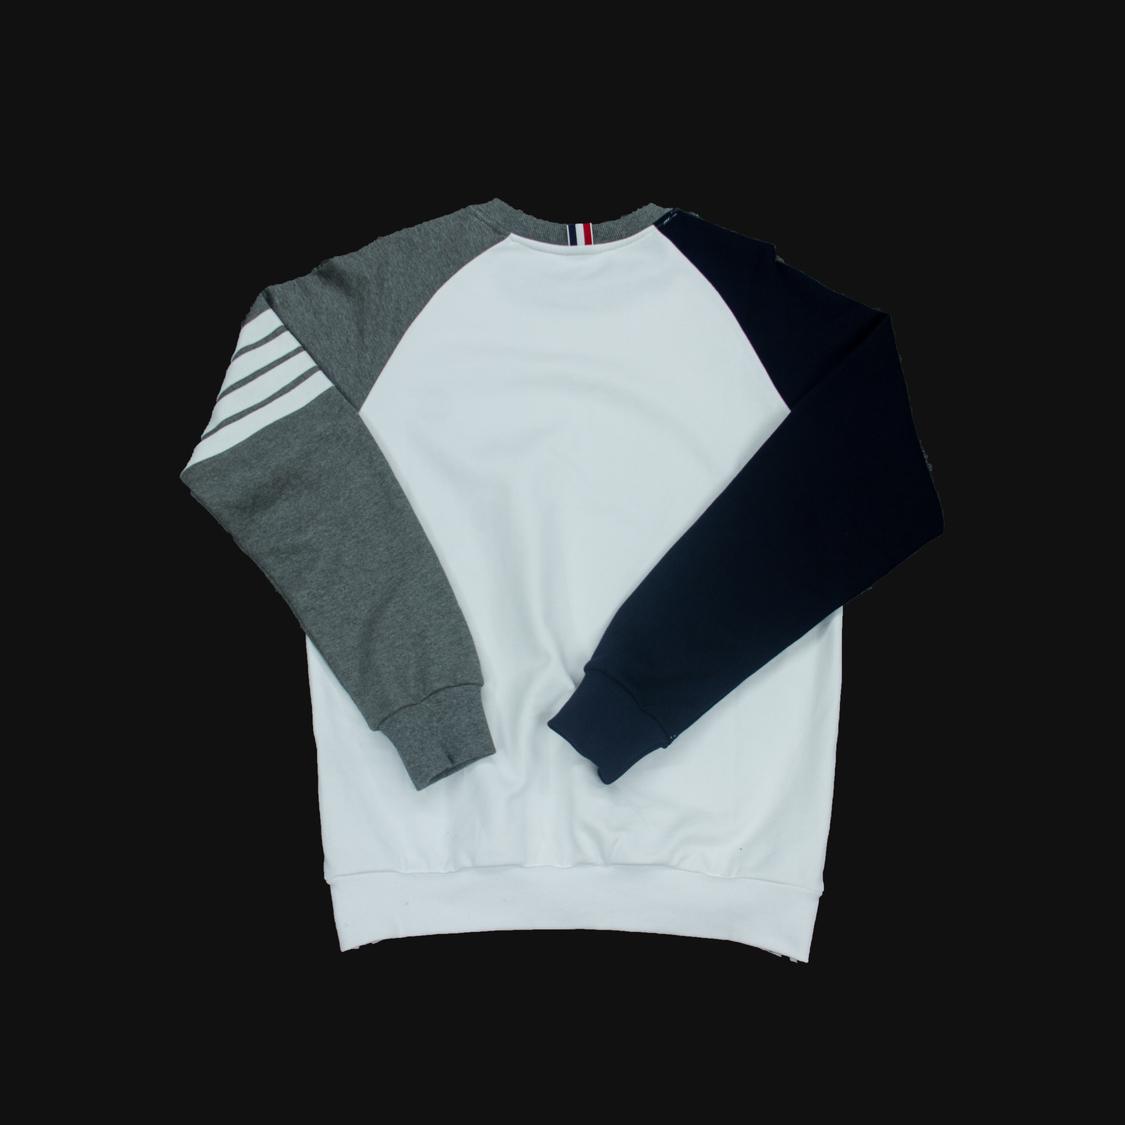 Áo Thom Browne tay xám đen - trắng